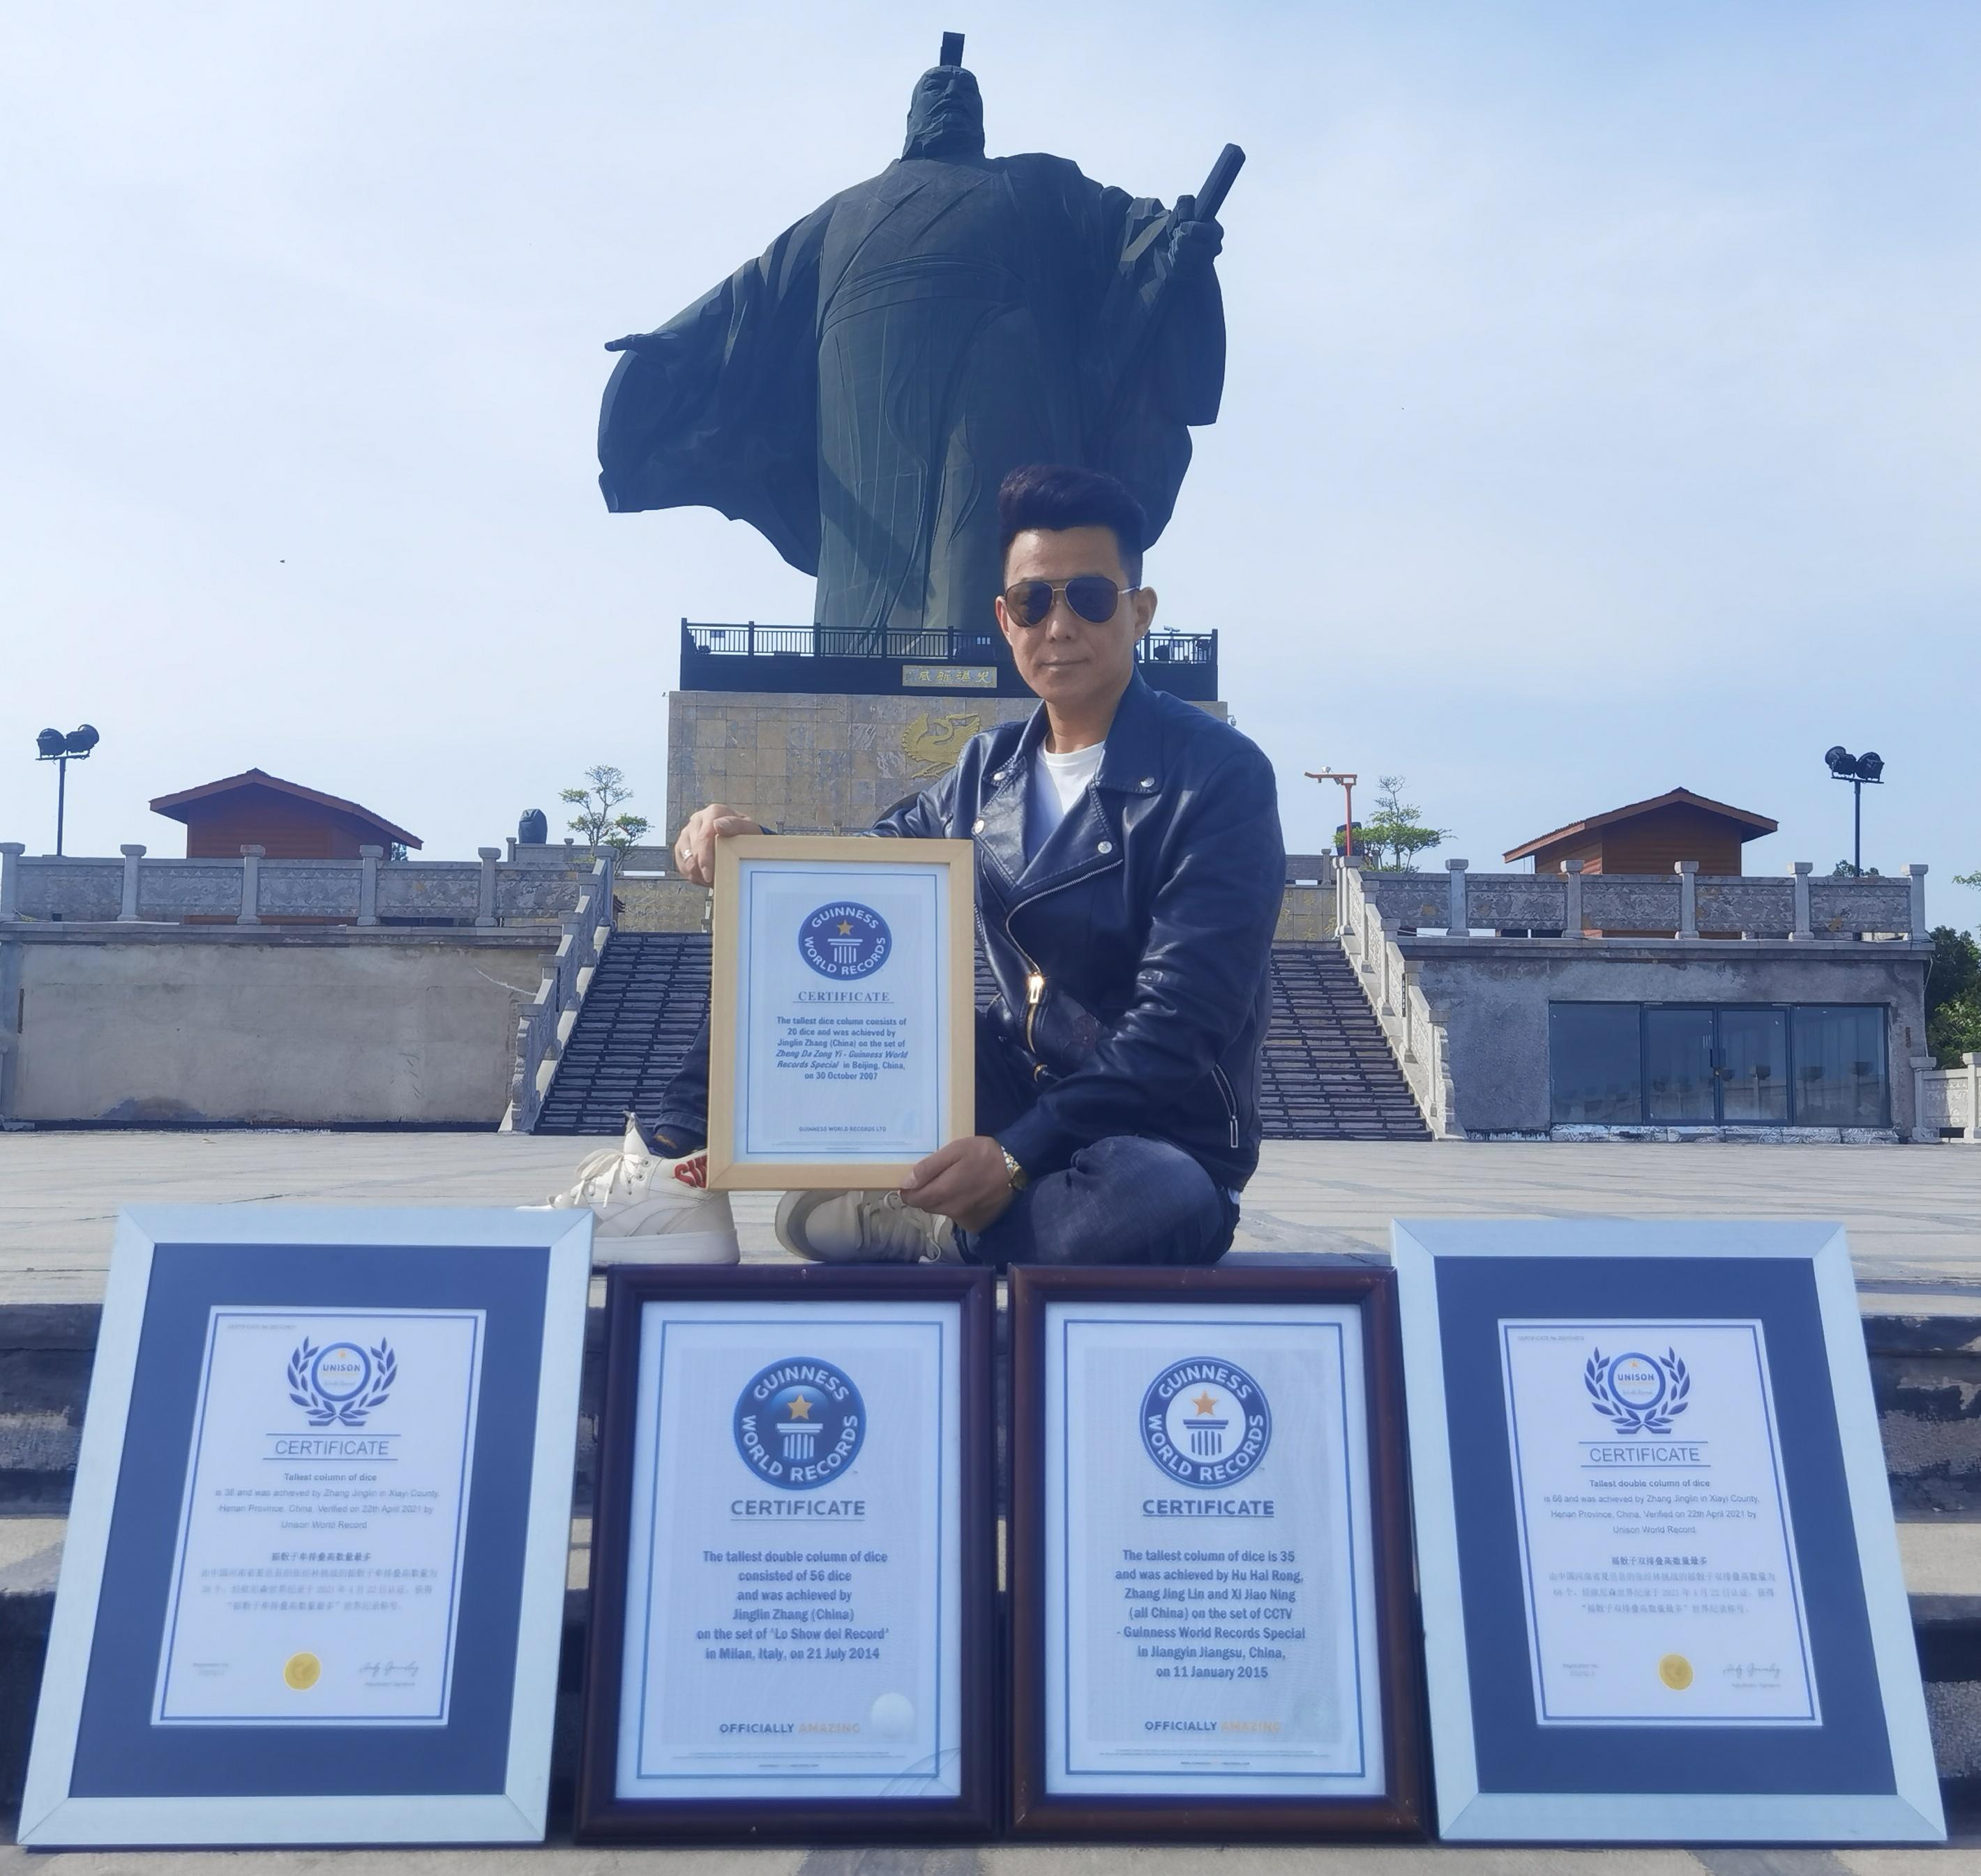 河南骰子王张经林再次刷新两项摇骰子世界纪录